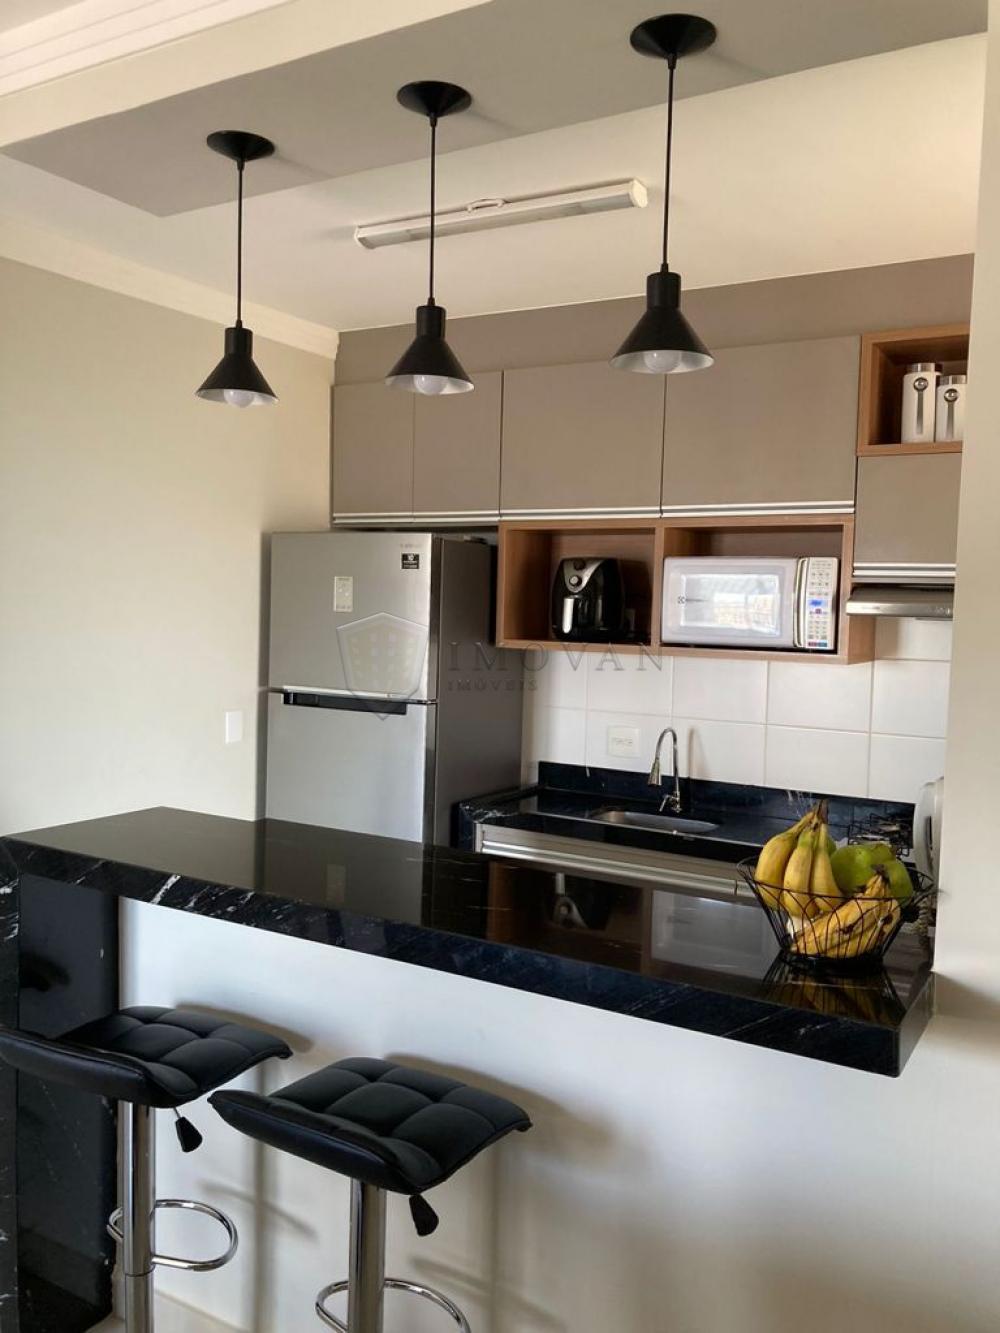 Comprar Apartamento / Padrão em Ribeirão Preto R$ 445.000,00 - Foto 13